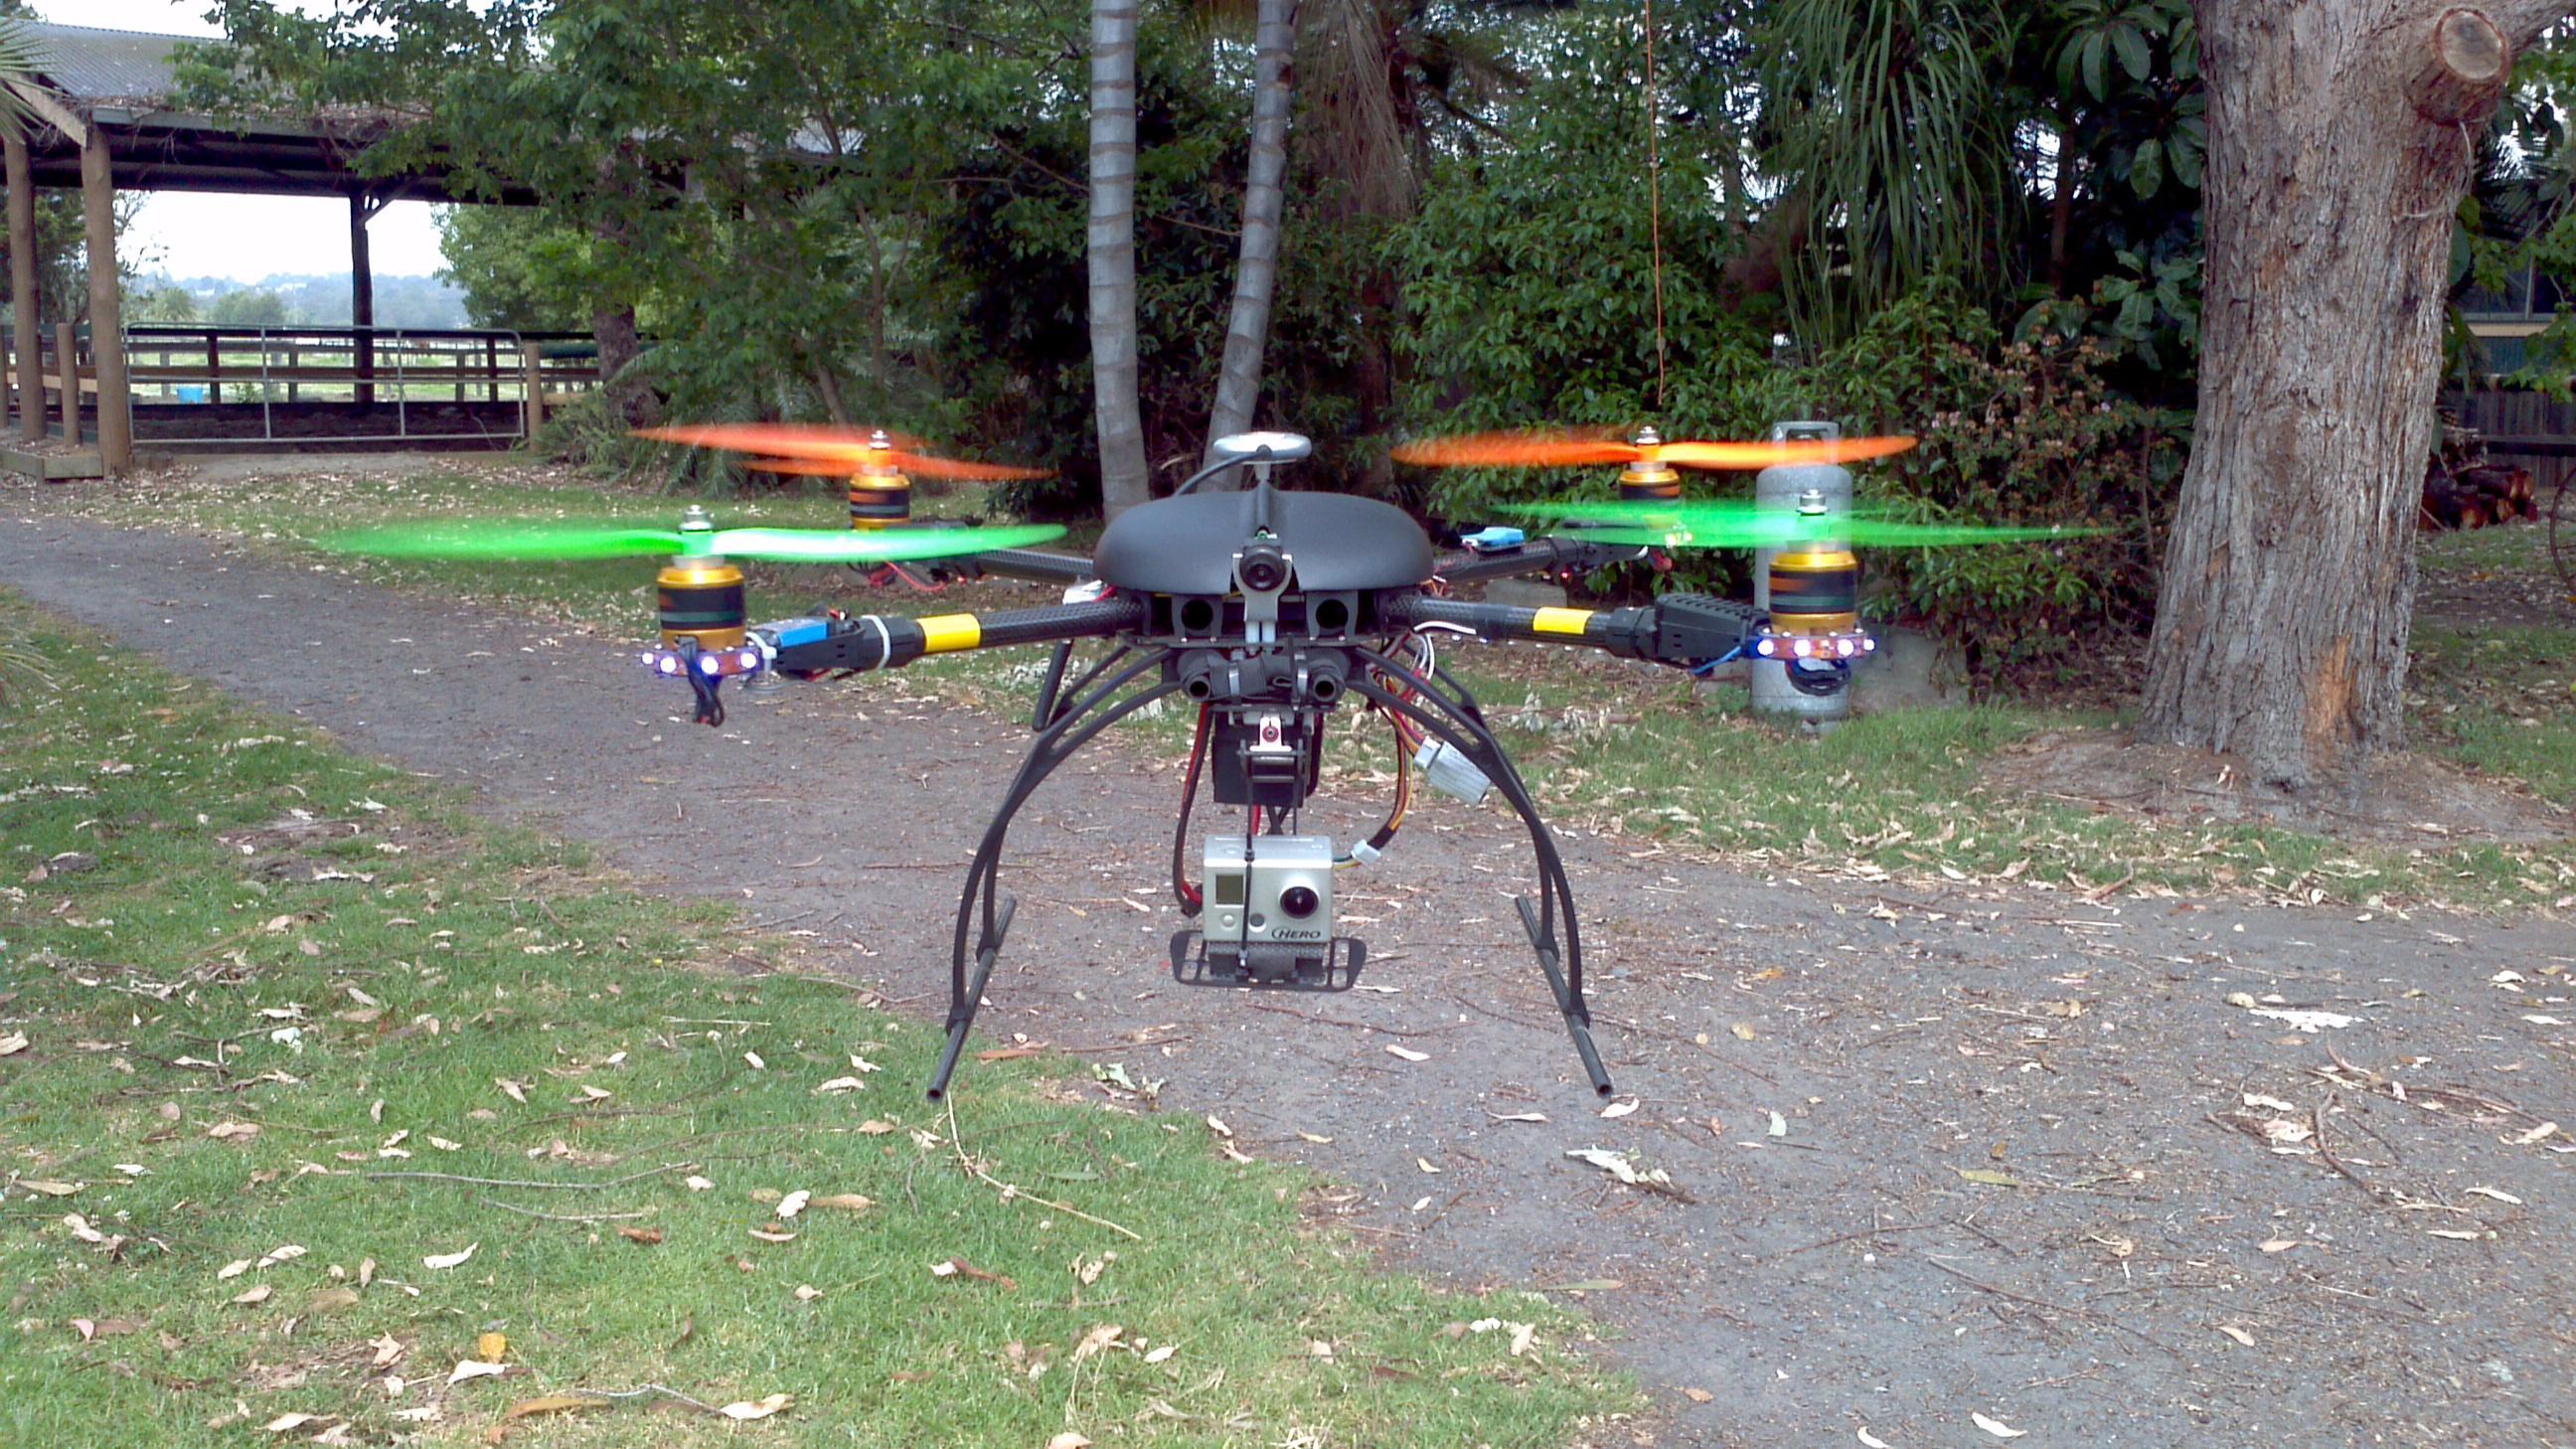 Apa Itu Drone Camera? Apa Saja Fungsinya? Ini Ringkasannya